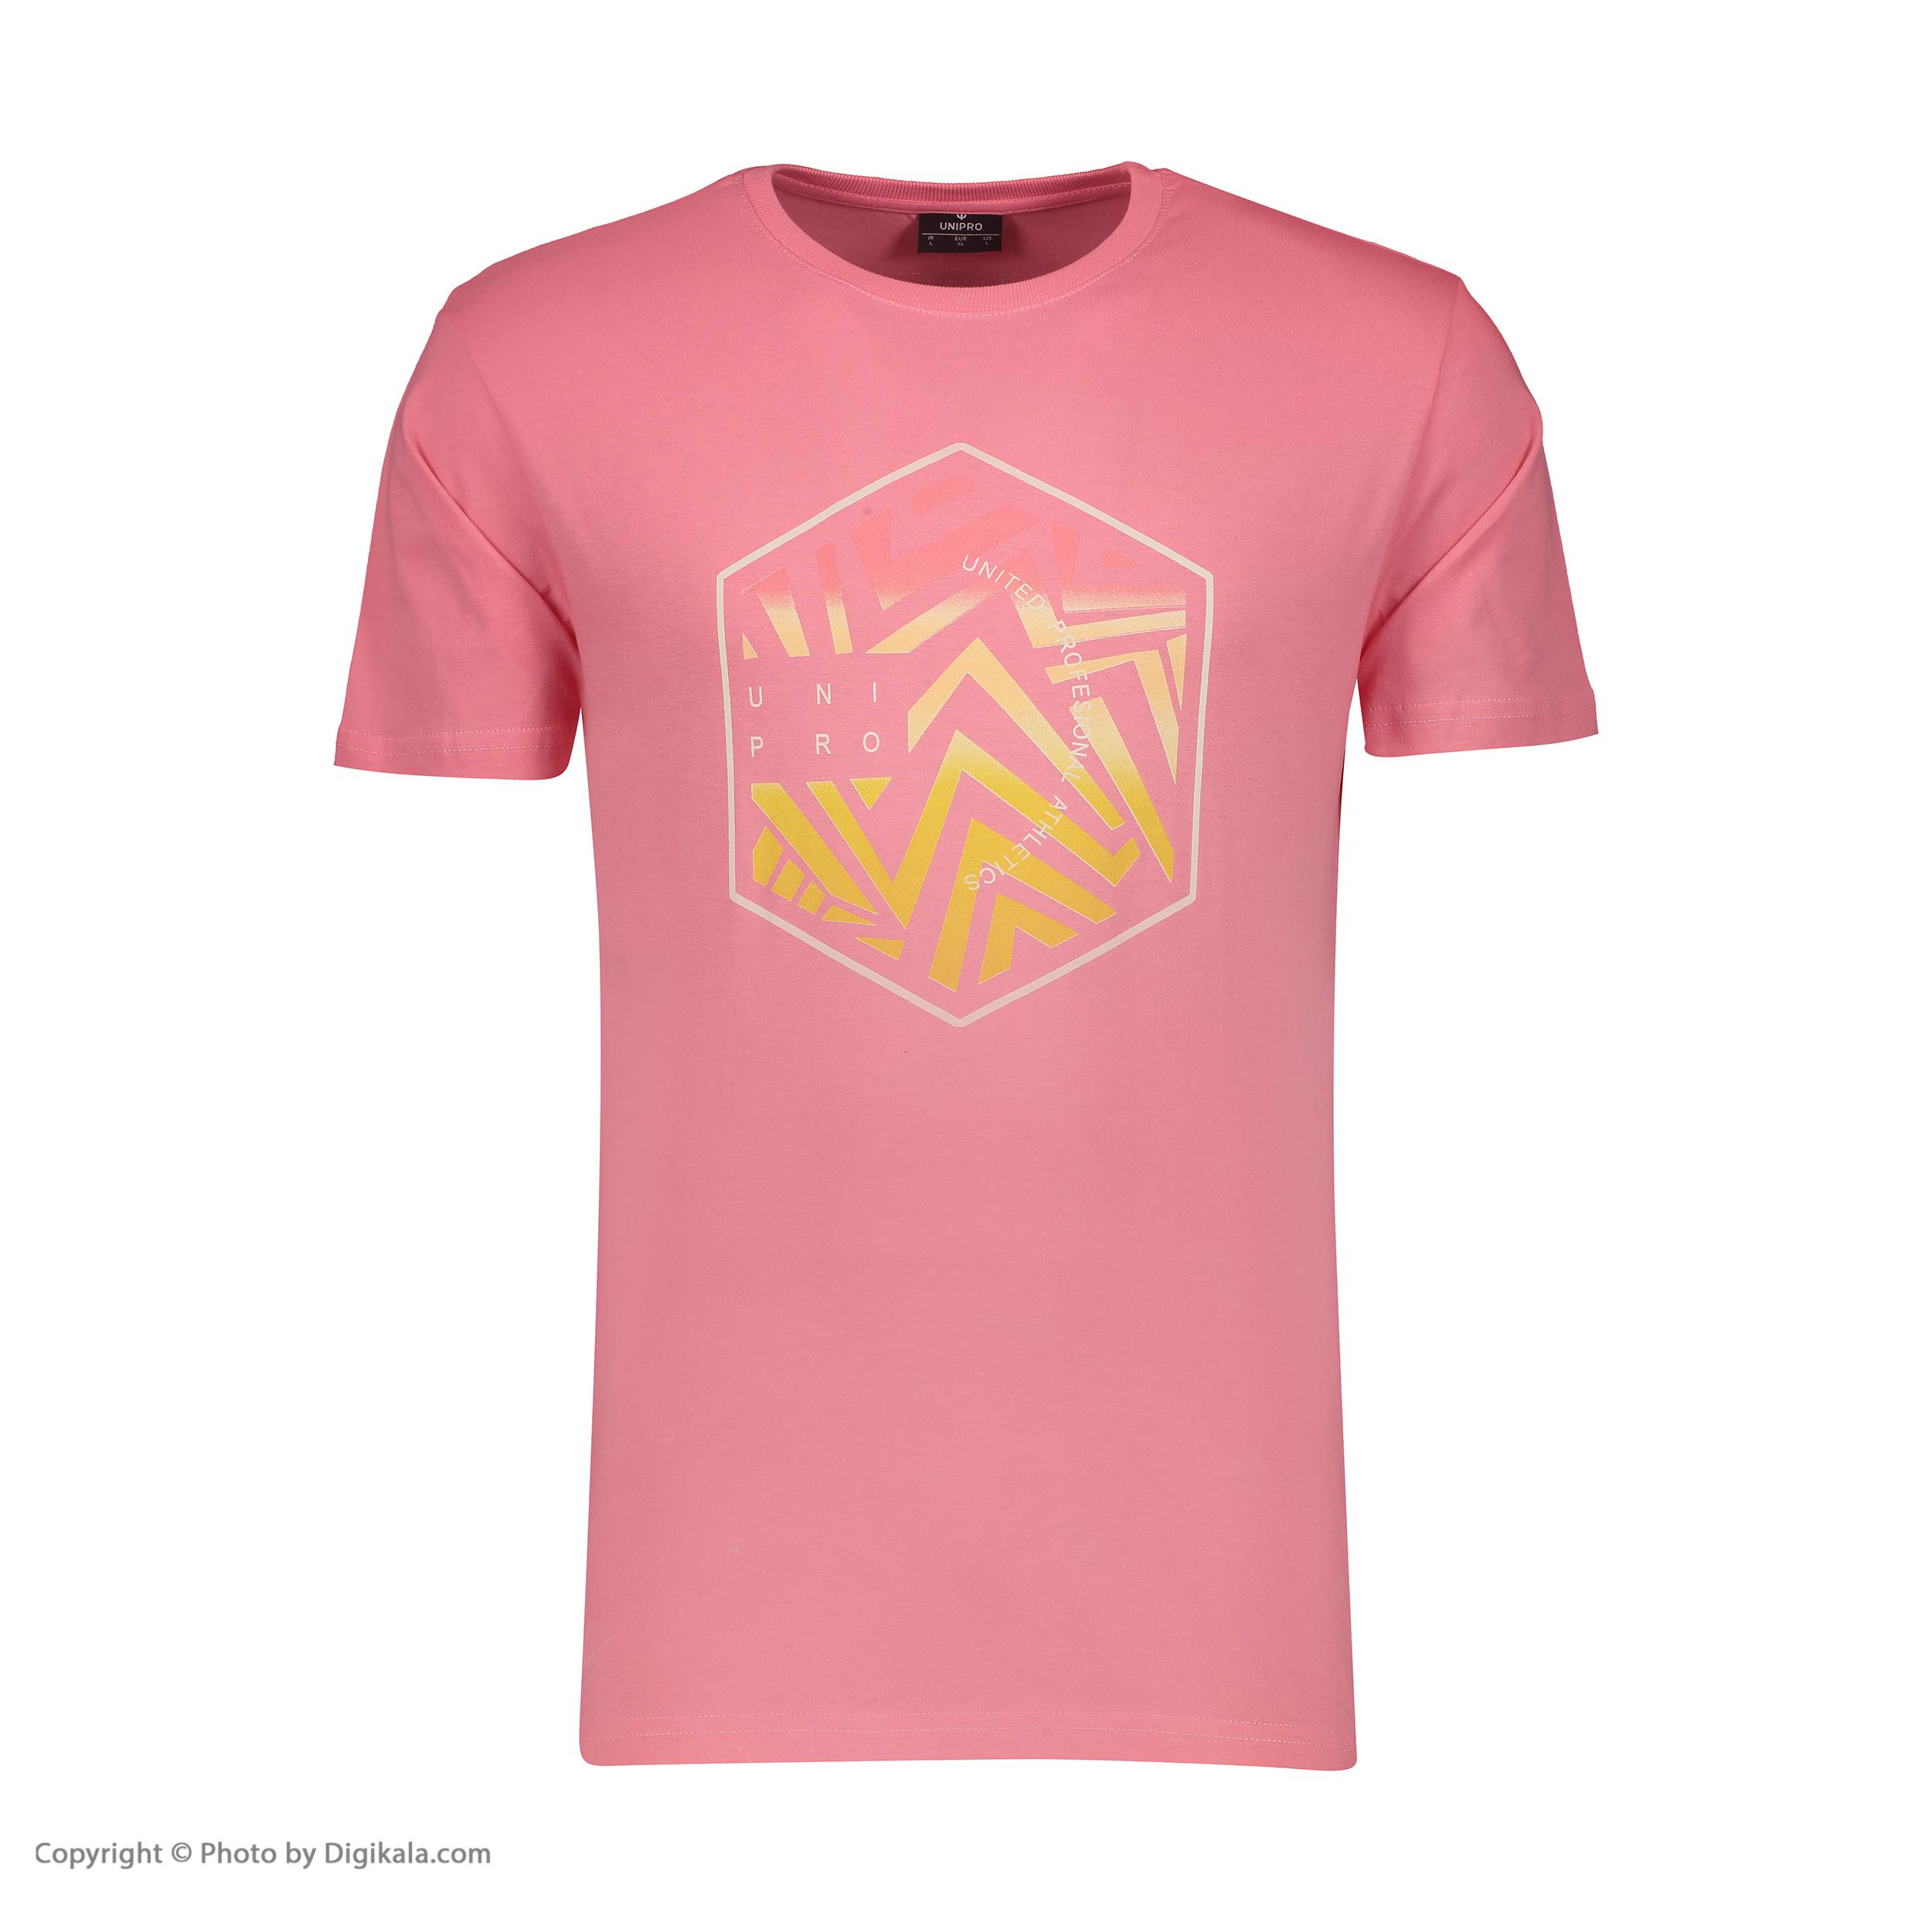 تی شرت ورزشی مردانه یونی پرو مدل 914119303-40 -  - 2